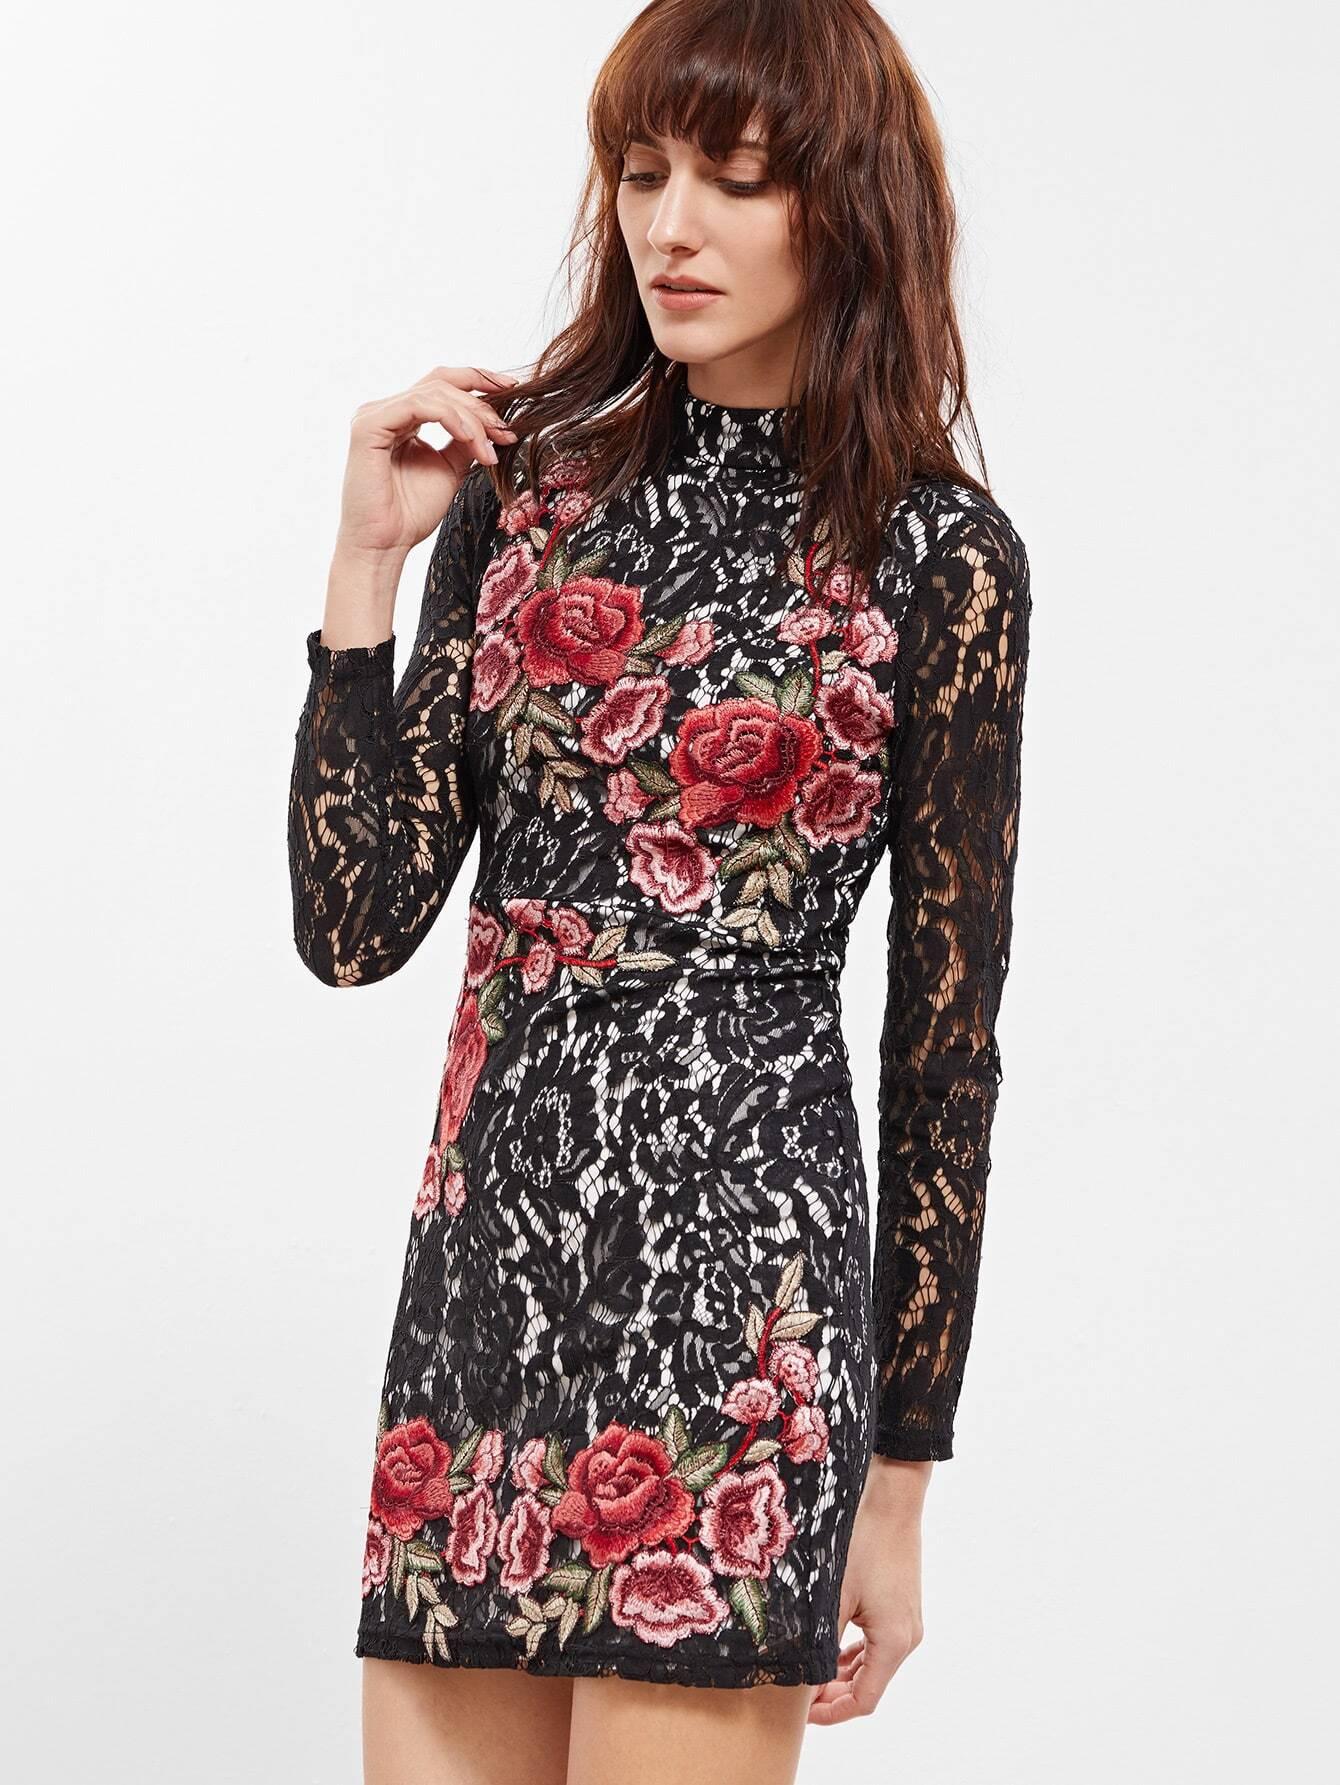 dress161207705_2